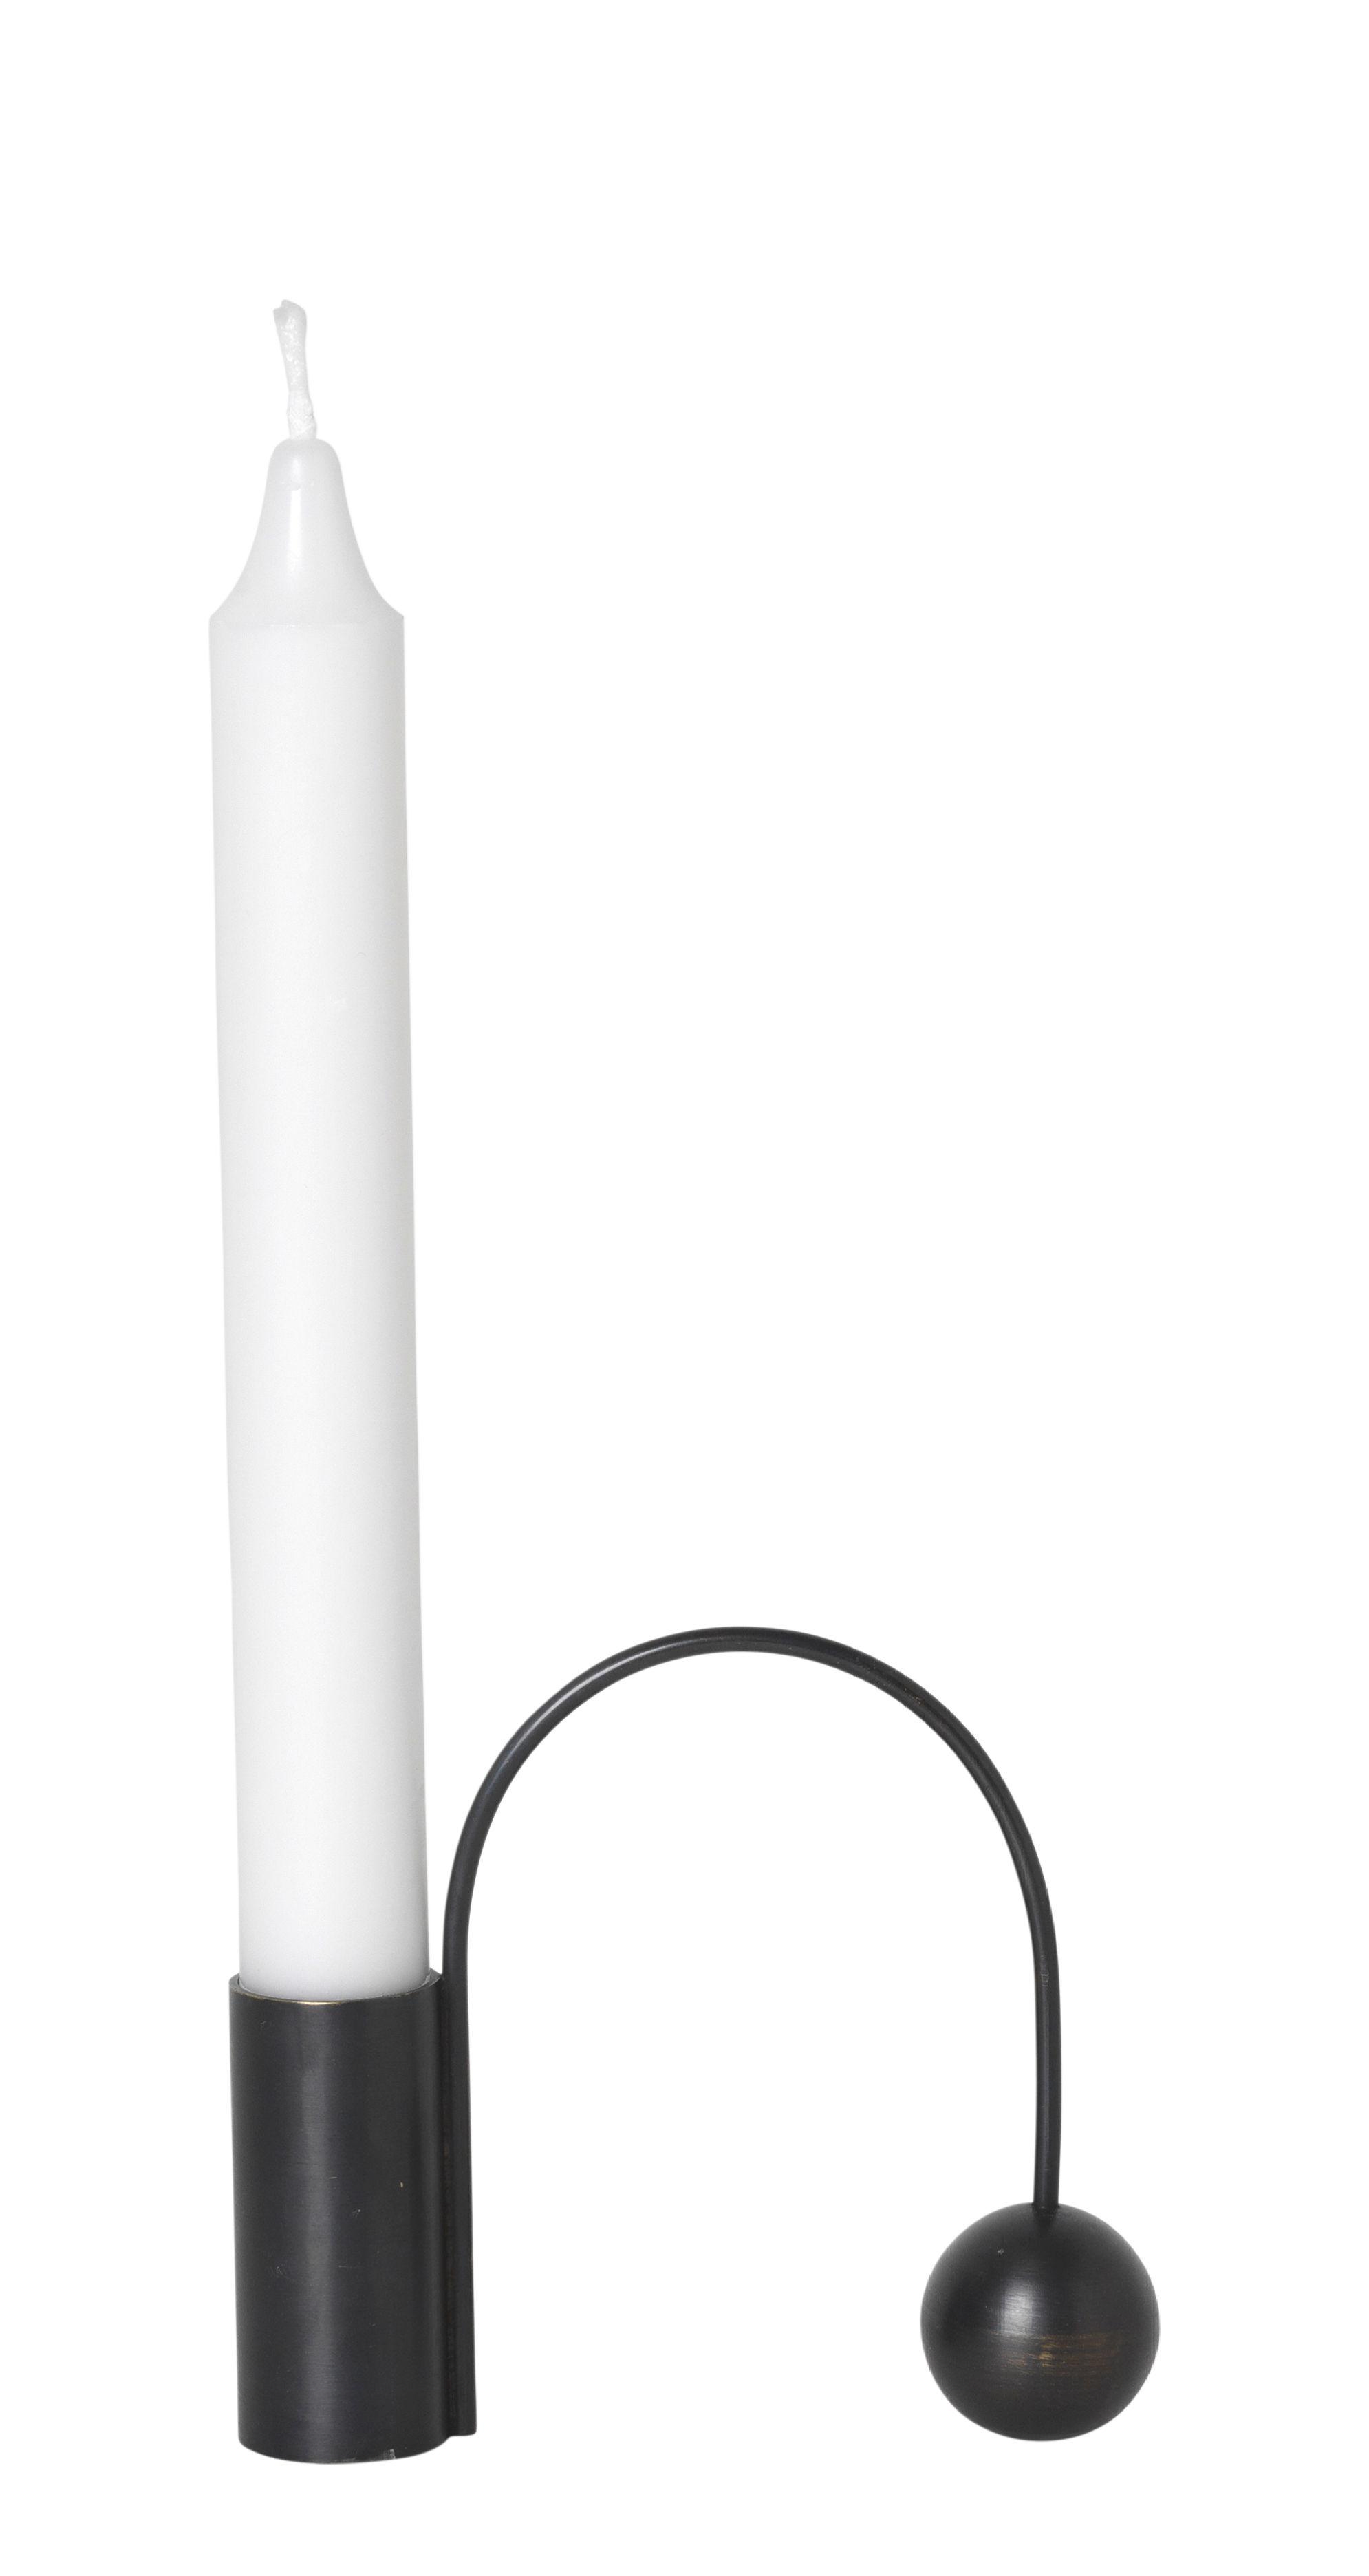 Dekoration - Kerzen, Kerzenleuchter und Windlichter - Balance Kerzenleuchter / für Stabkerzen - Ferm Living - Schwarz - Laiton bruni